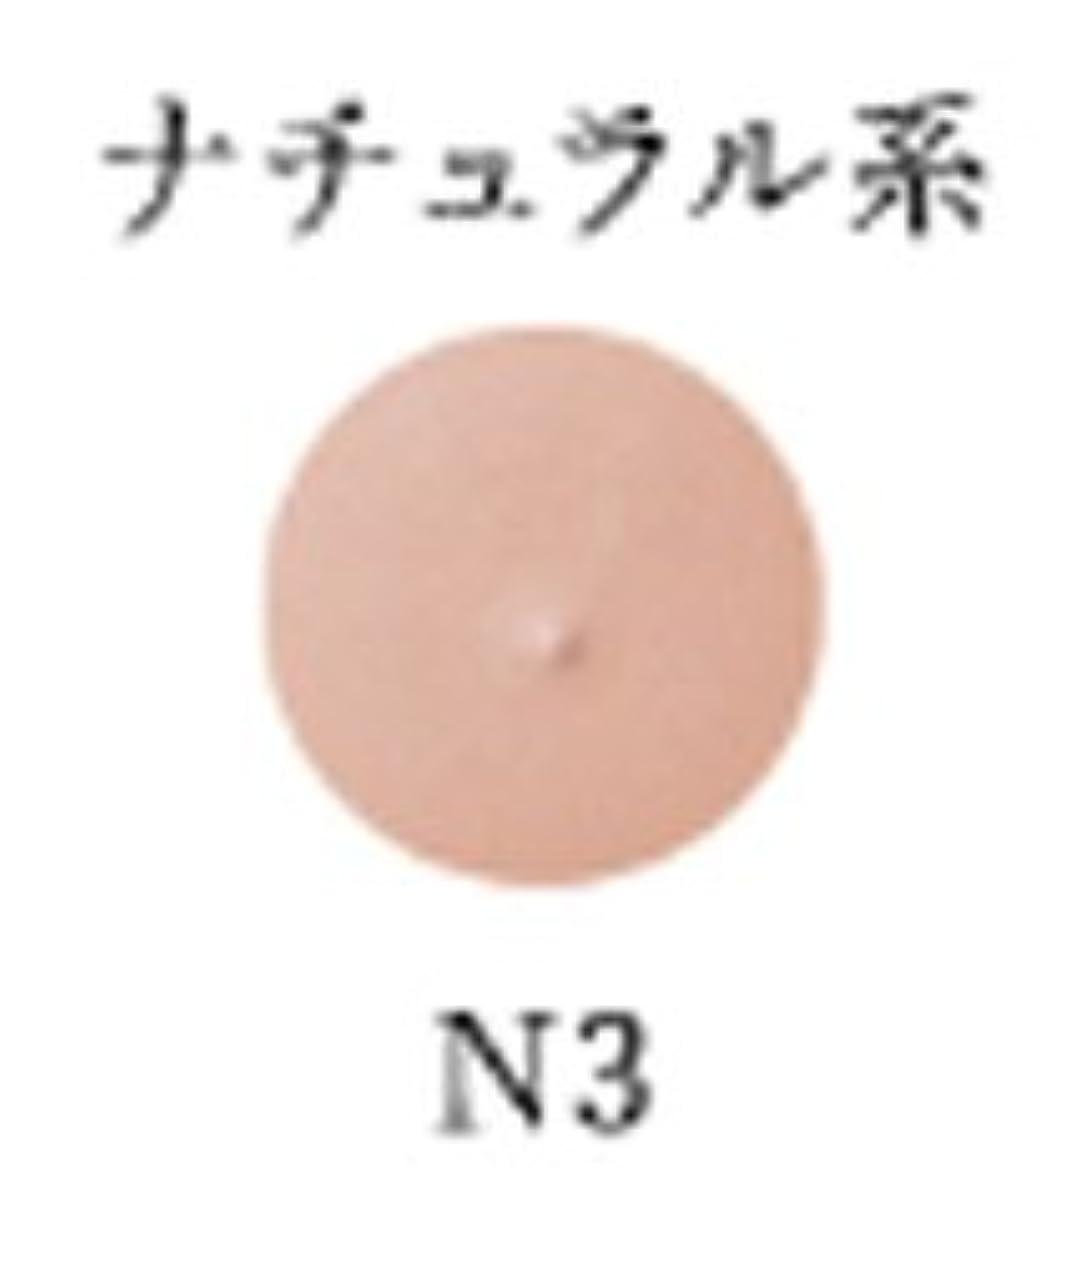 ファンシー職業番号オリリー ナチュラルカバーファンデーション(リフィル)<ケース別売> 《12g》<カラー:N3>